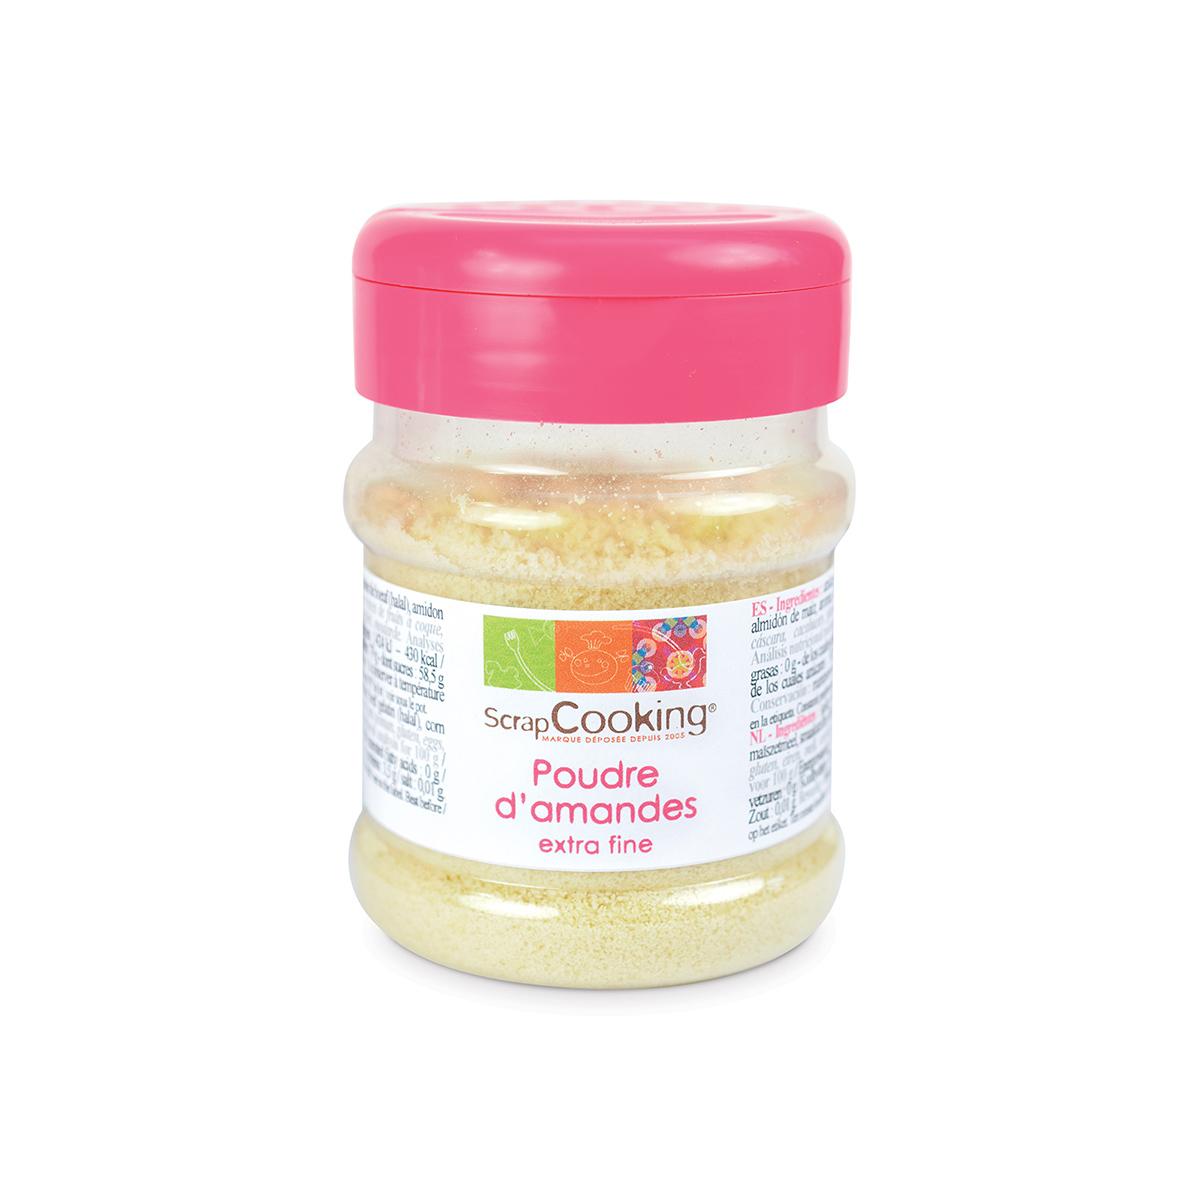 Image du produit Pot de poudre d'amande extra fine 90g - Scrapcooking